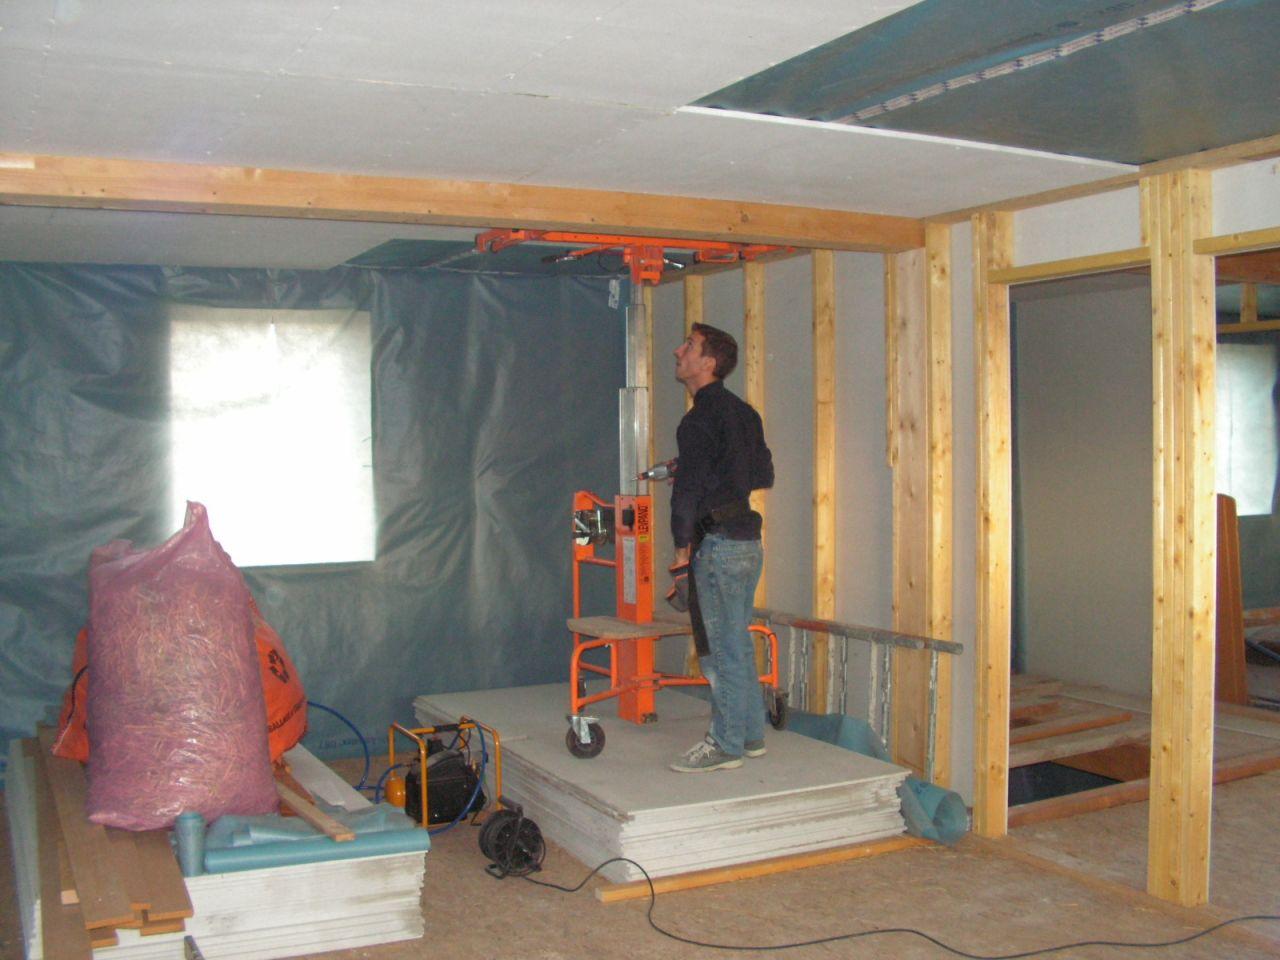 pose fermacell 18mm au plafond pour soutenir la paille